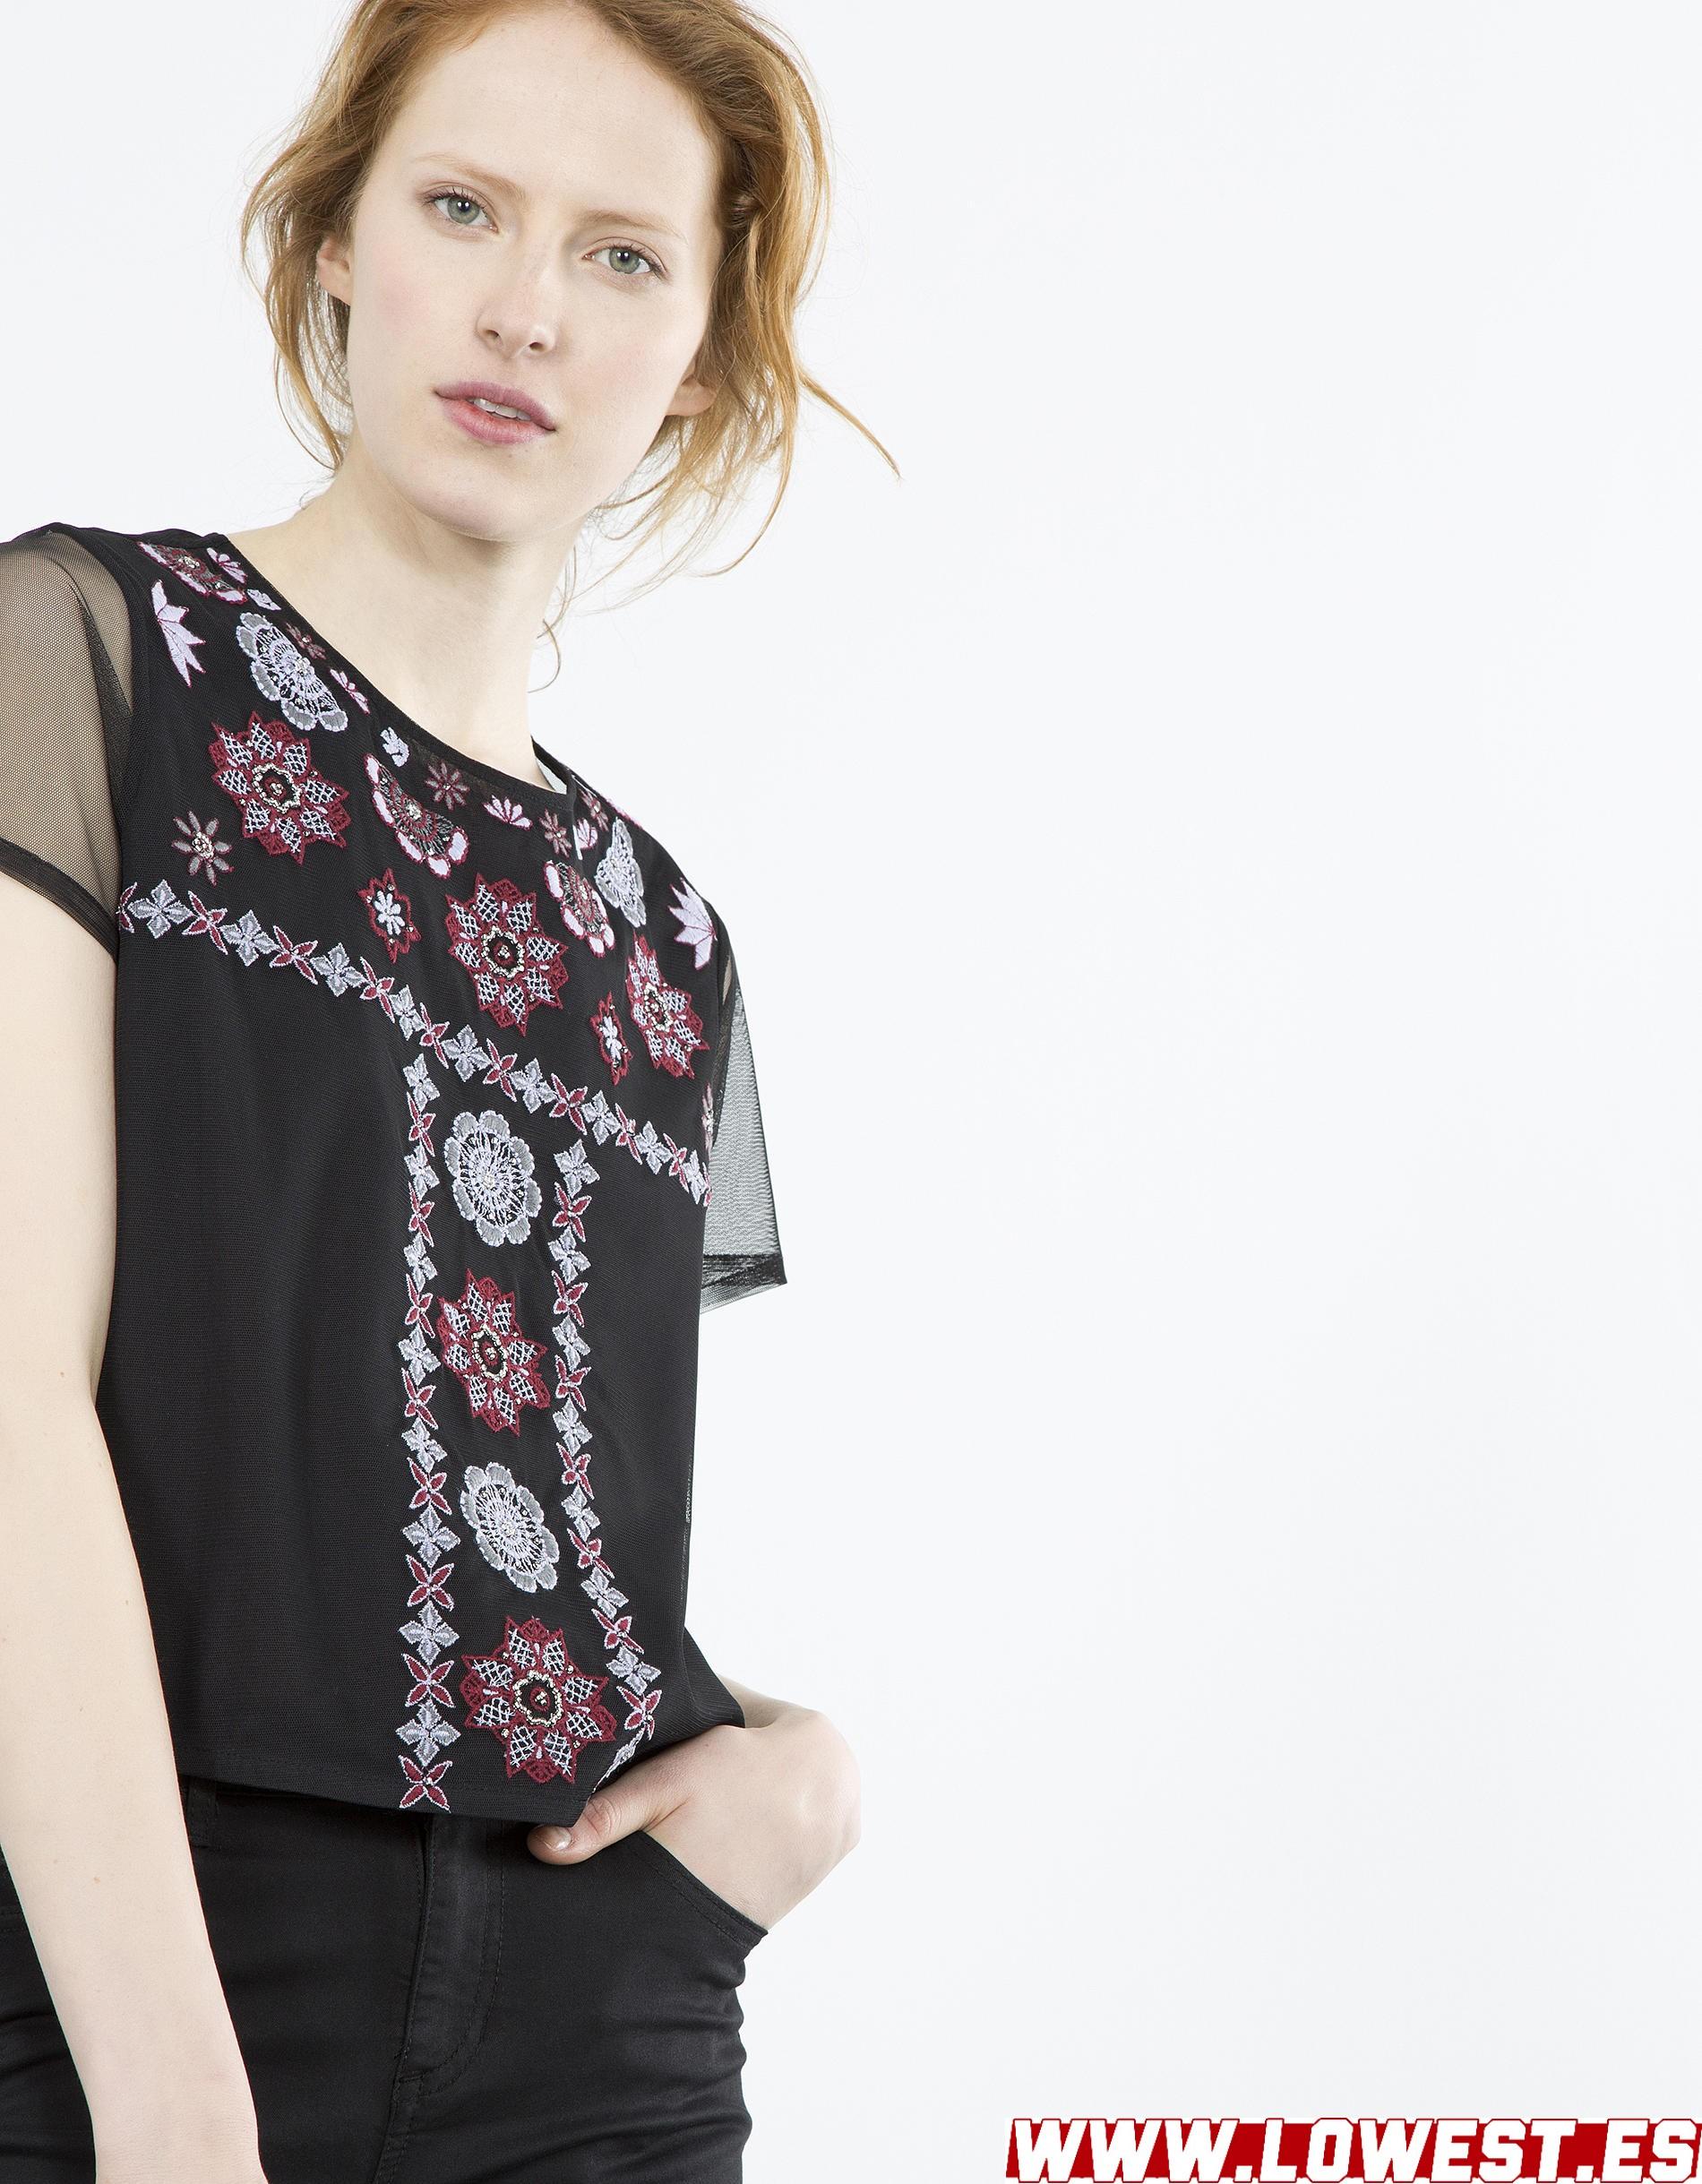 paginas para comprar ropa en linea que se lleva lowest 2019 2020